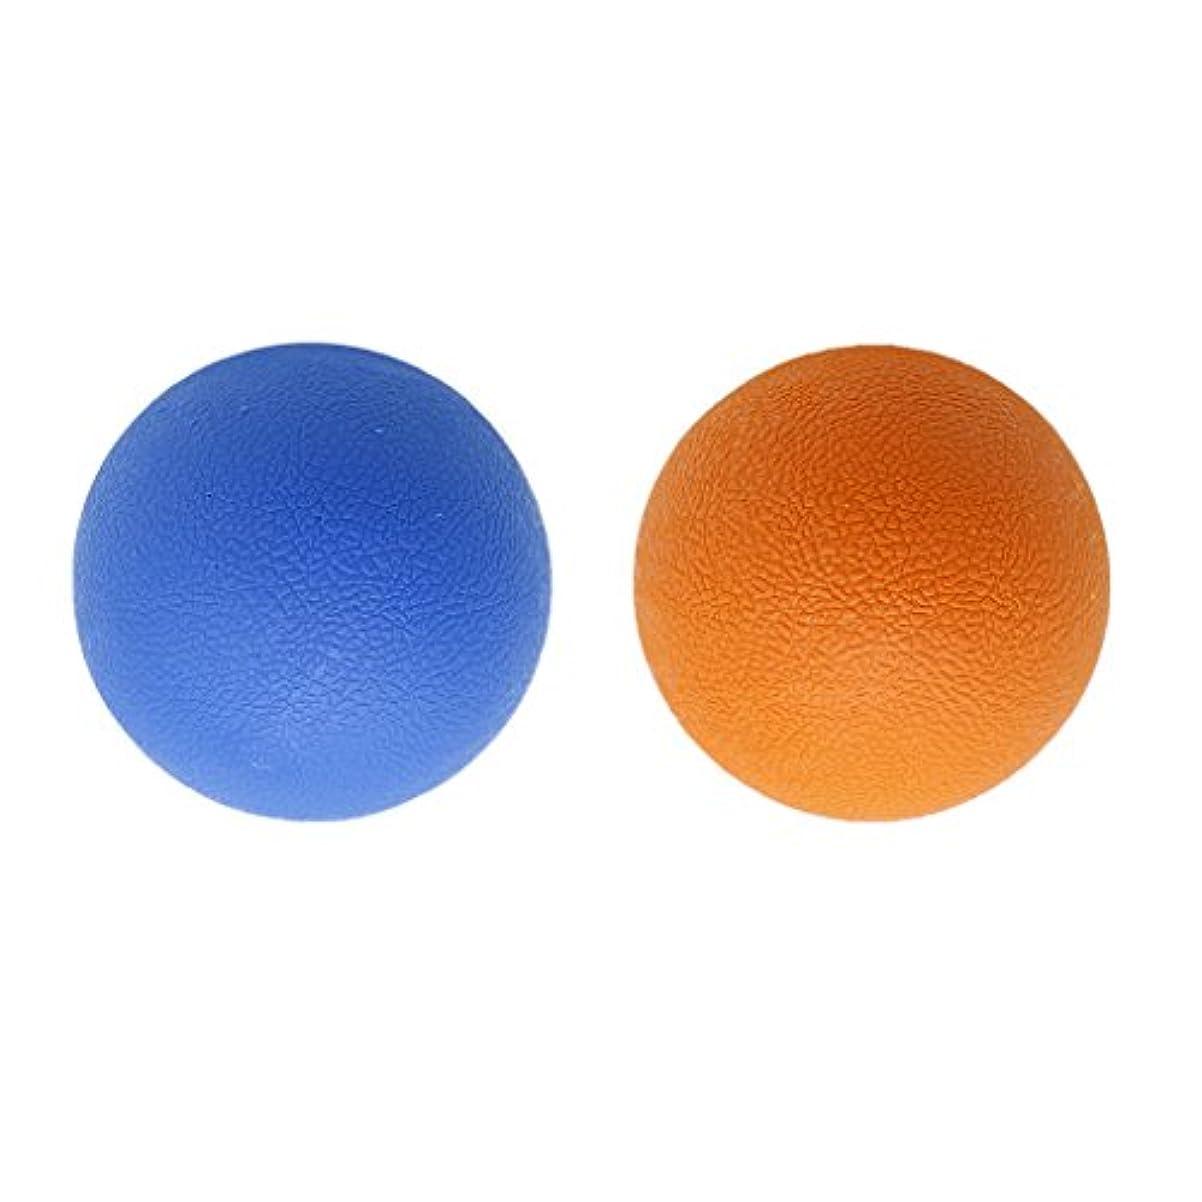 十代と組む個人的なマッサージボール トリガーポイント ラクロスボール 弾性TPE ストレッチボール 多色選べる - オレンジブルー